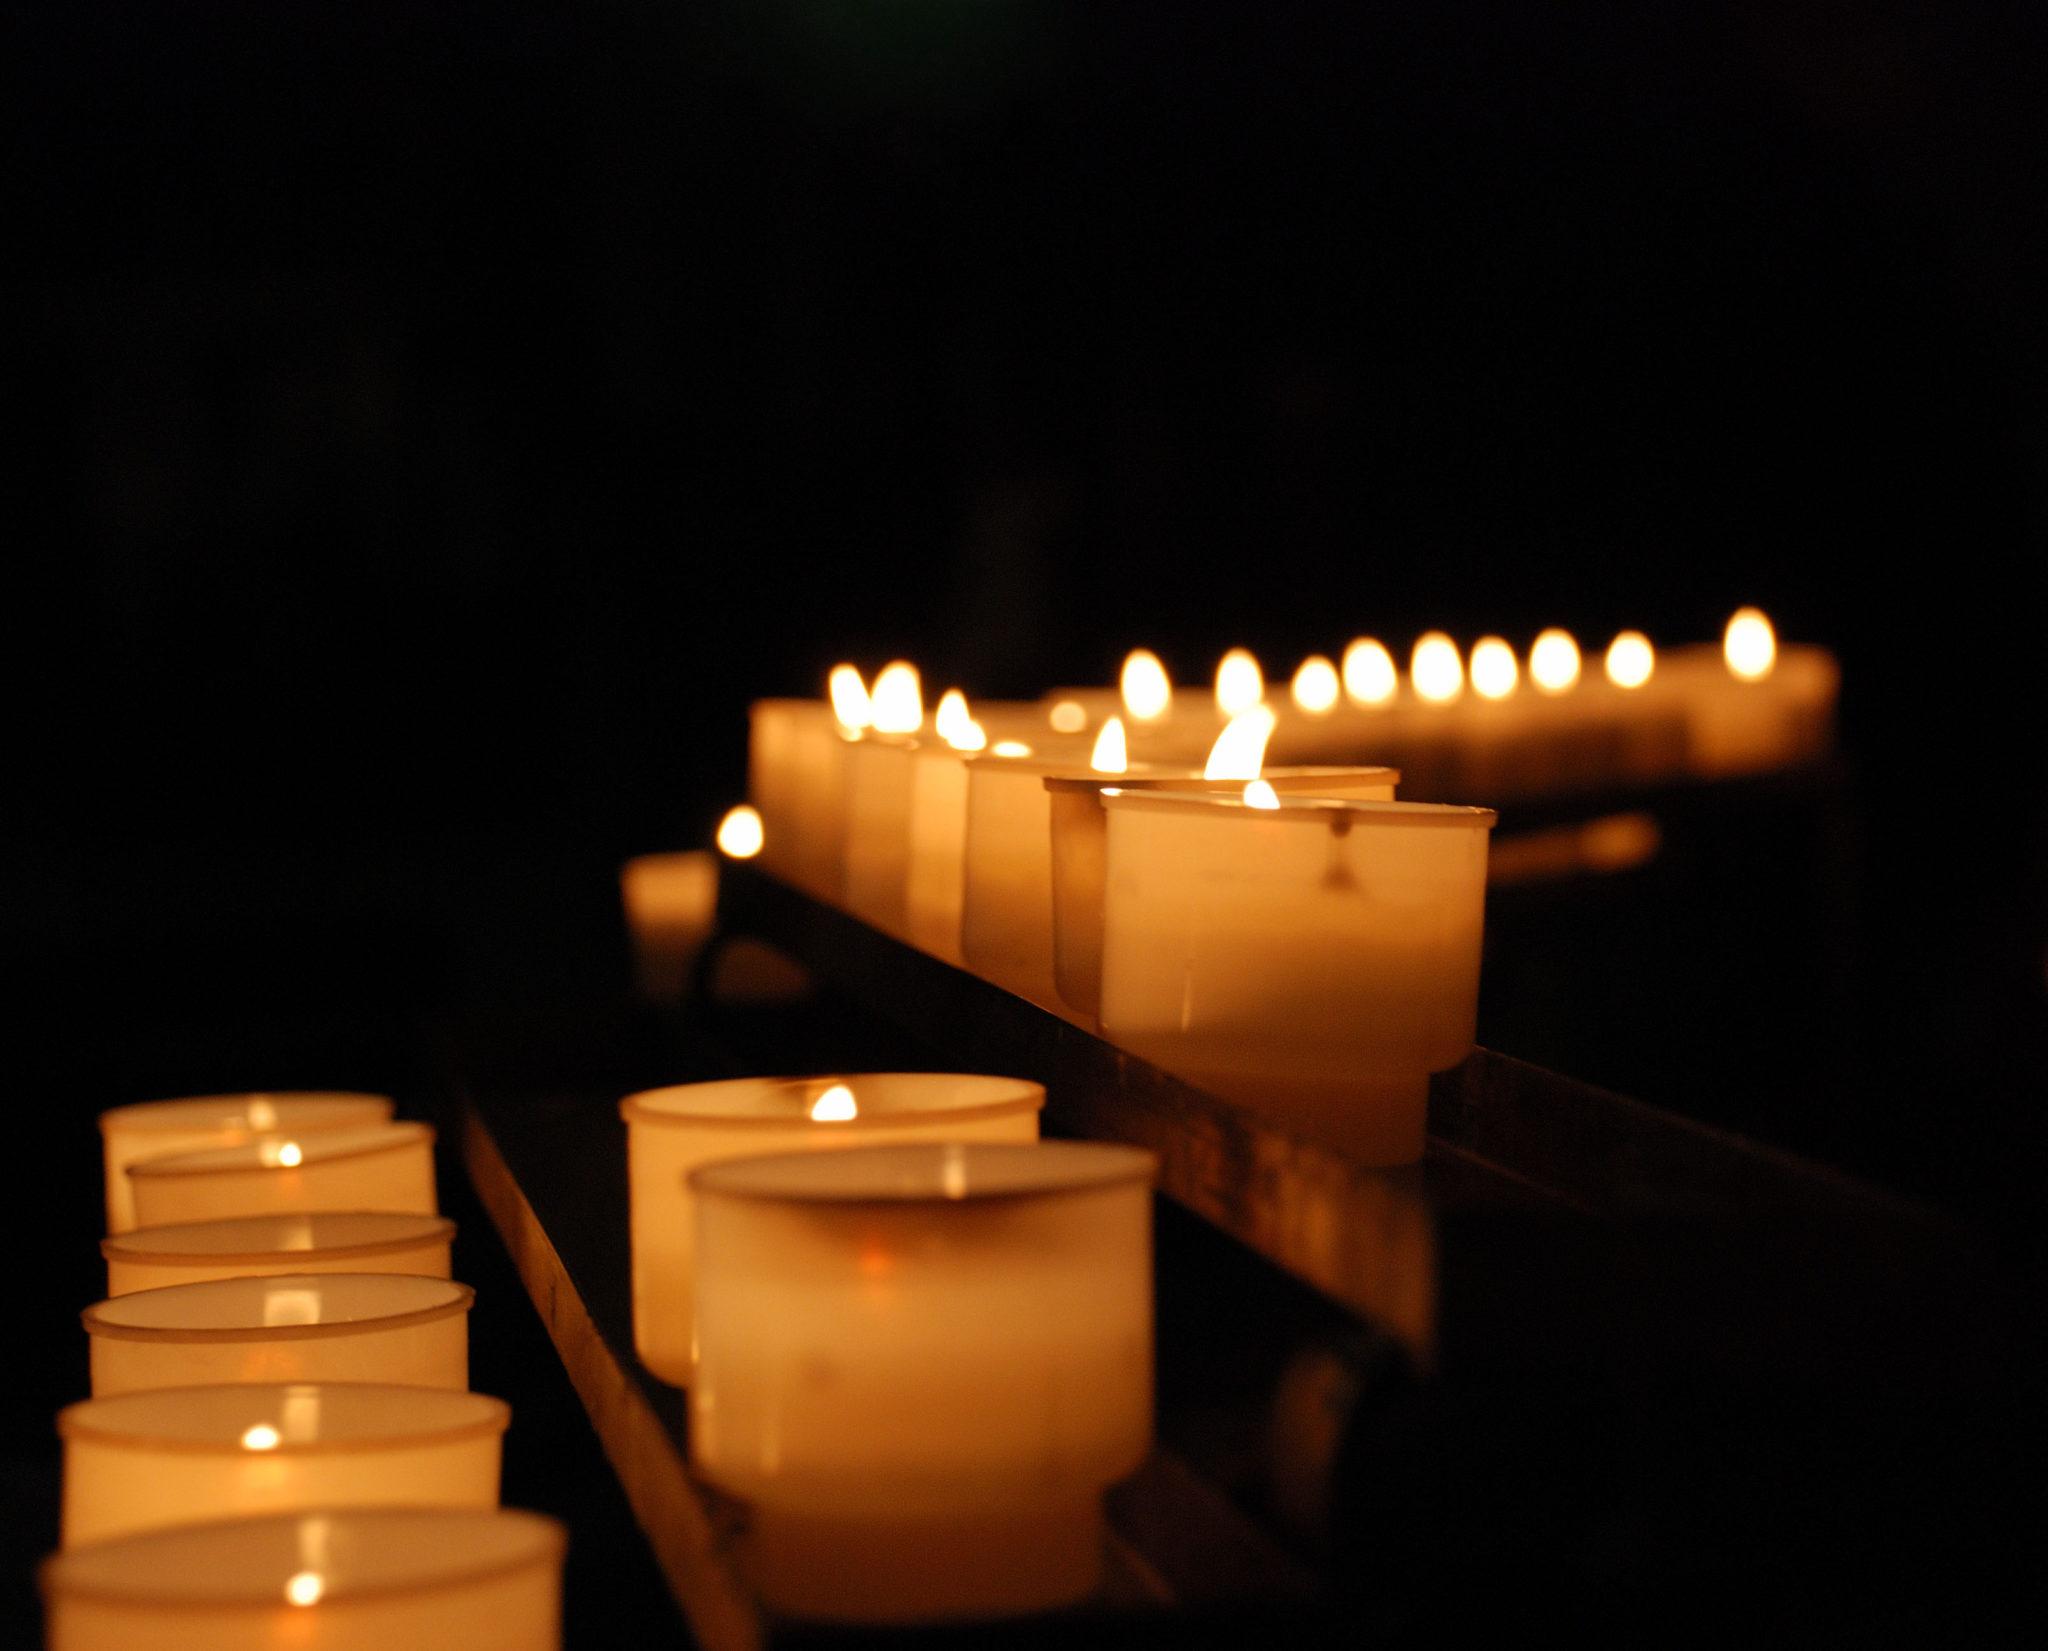 صور شموع روعة لا تفوتكم Candles